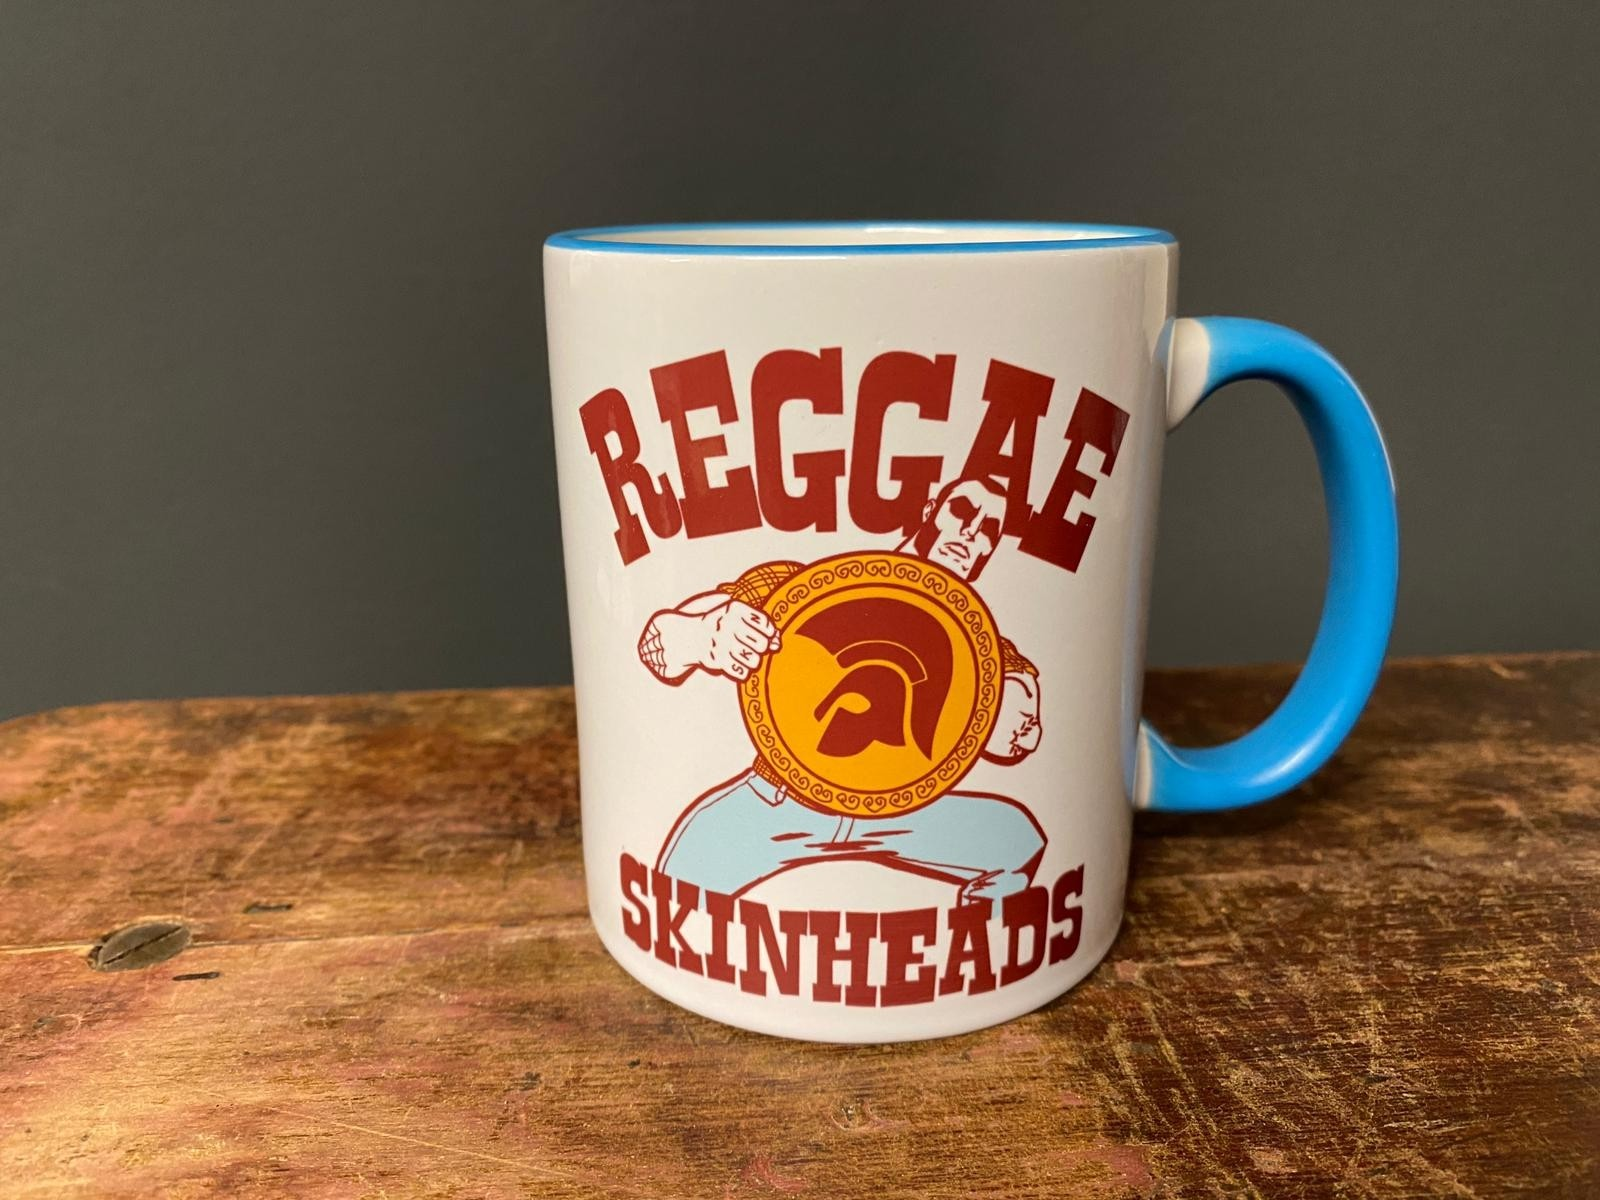 Reggae Skinheads - Tasse/Mug